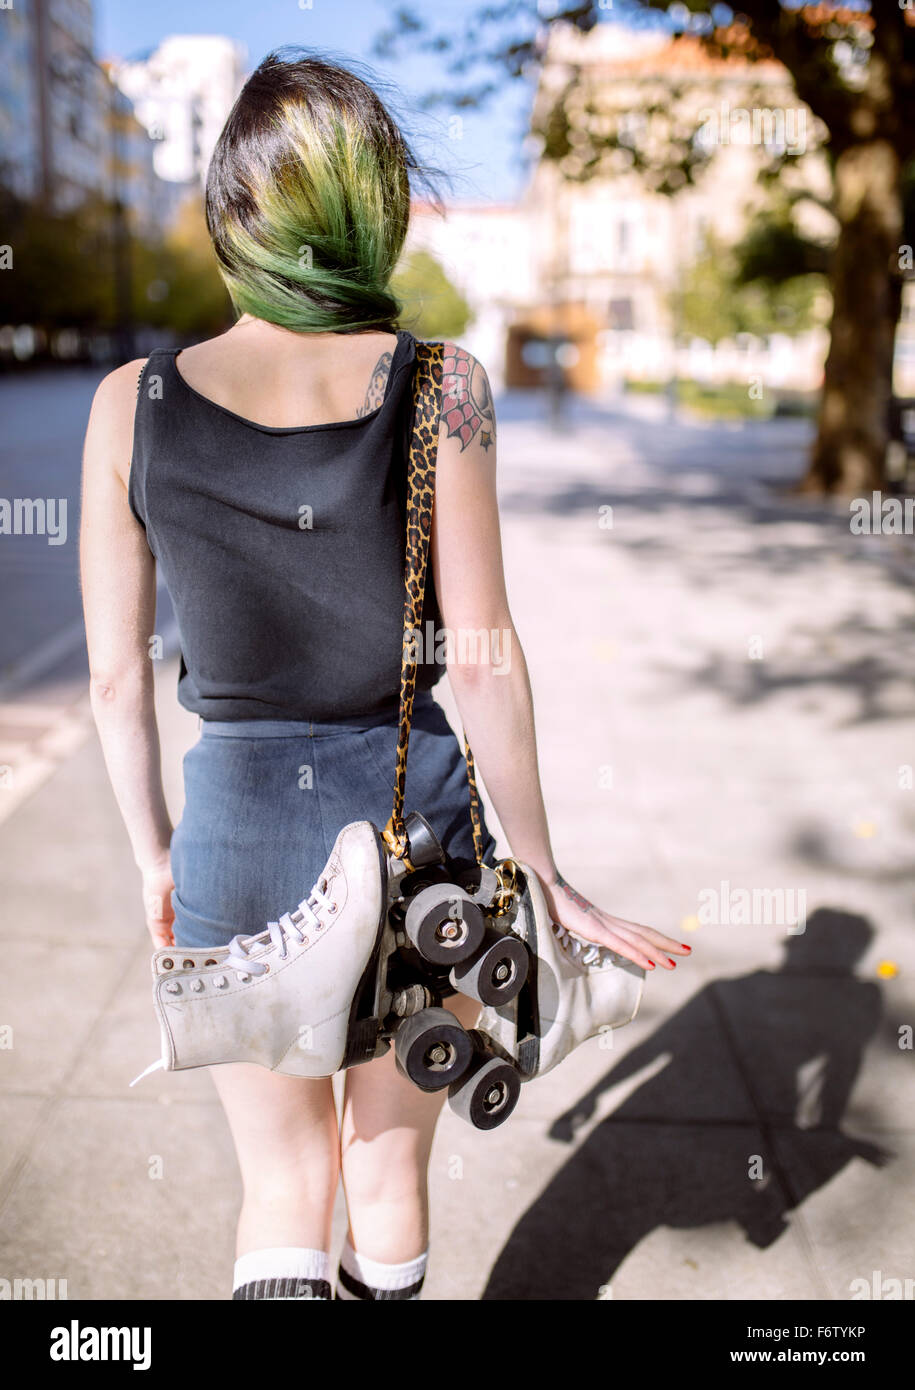 Spanien, Gijon, Rückansicht der jungen Frau mit grün gefärbte Haare mit Inline-Skates über Schulter Stockfoto